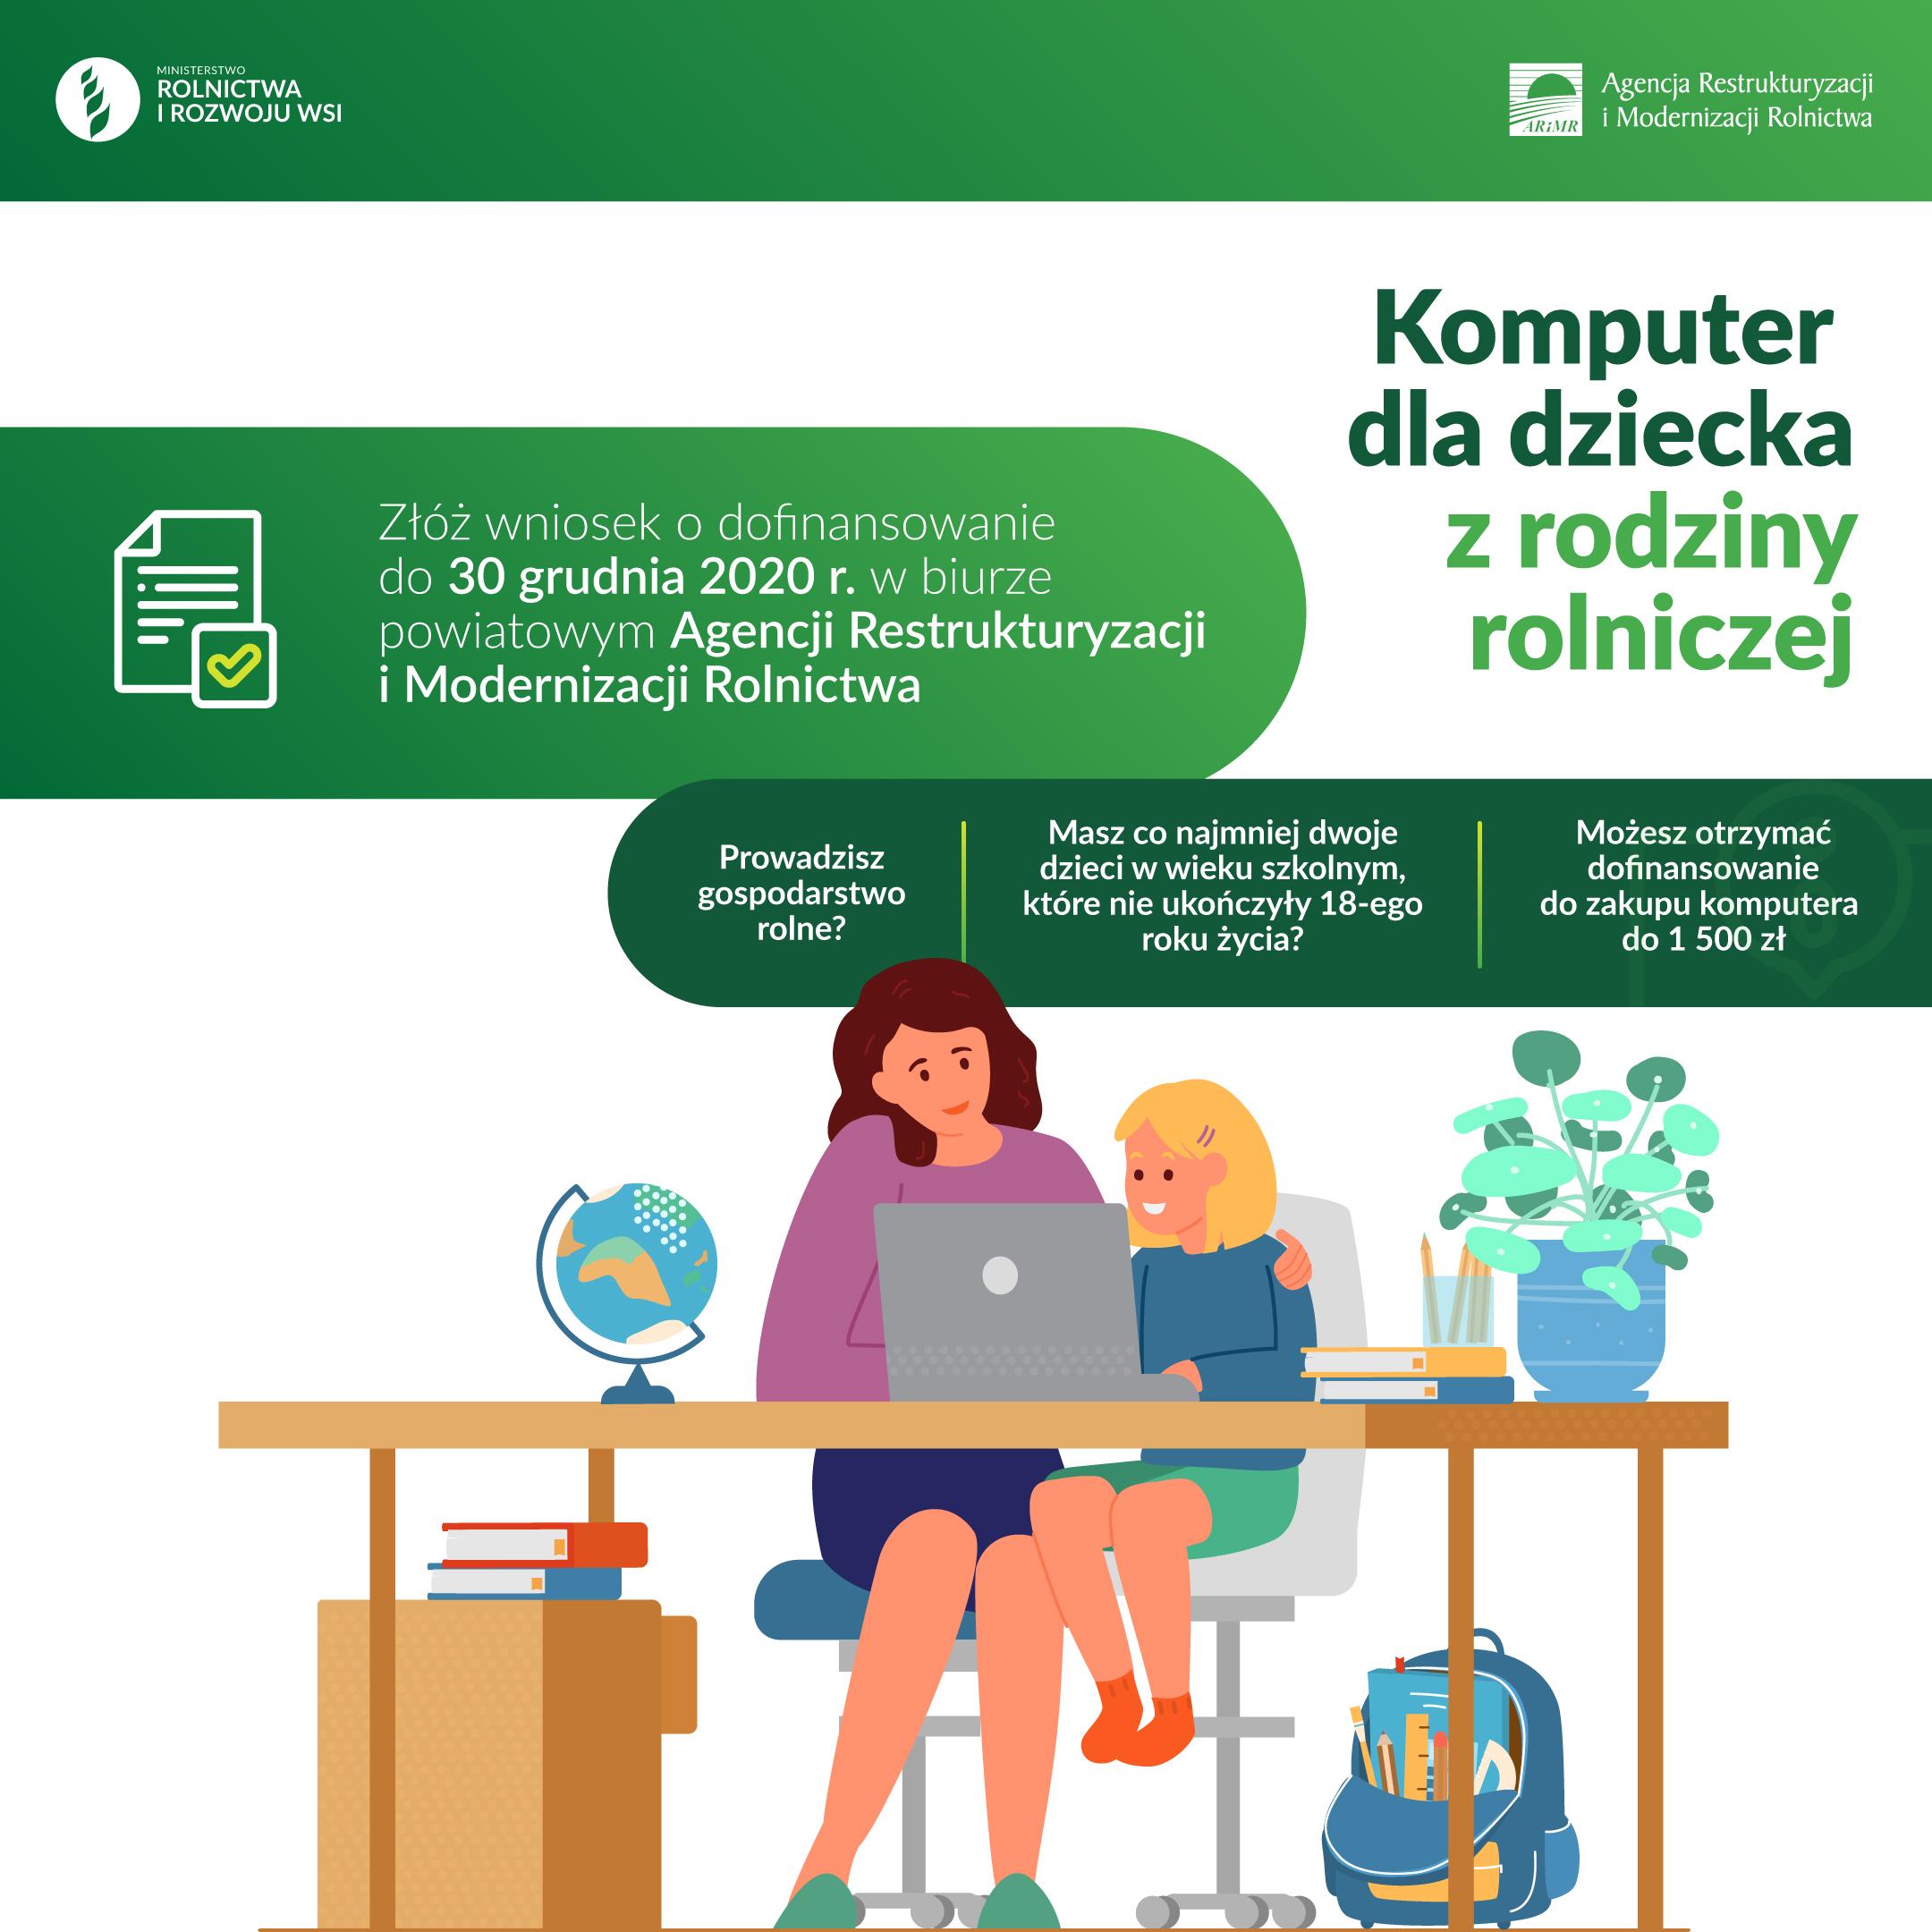 Pieniądze na zakup komputera dla dziecka z rodziny rolniczej